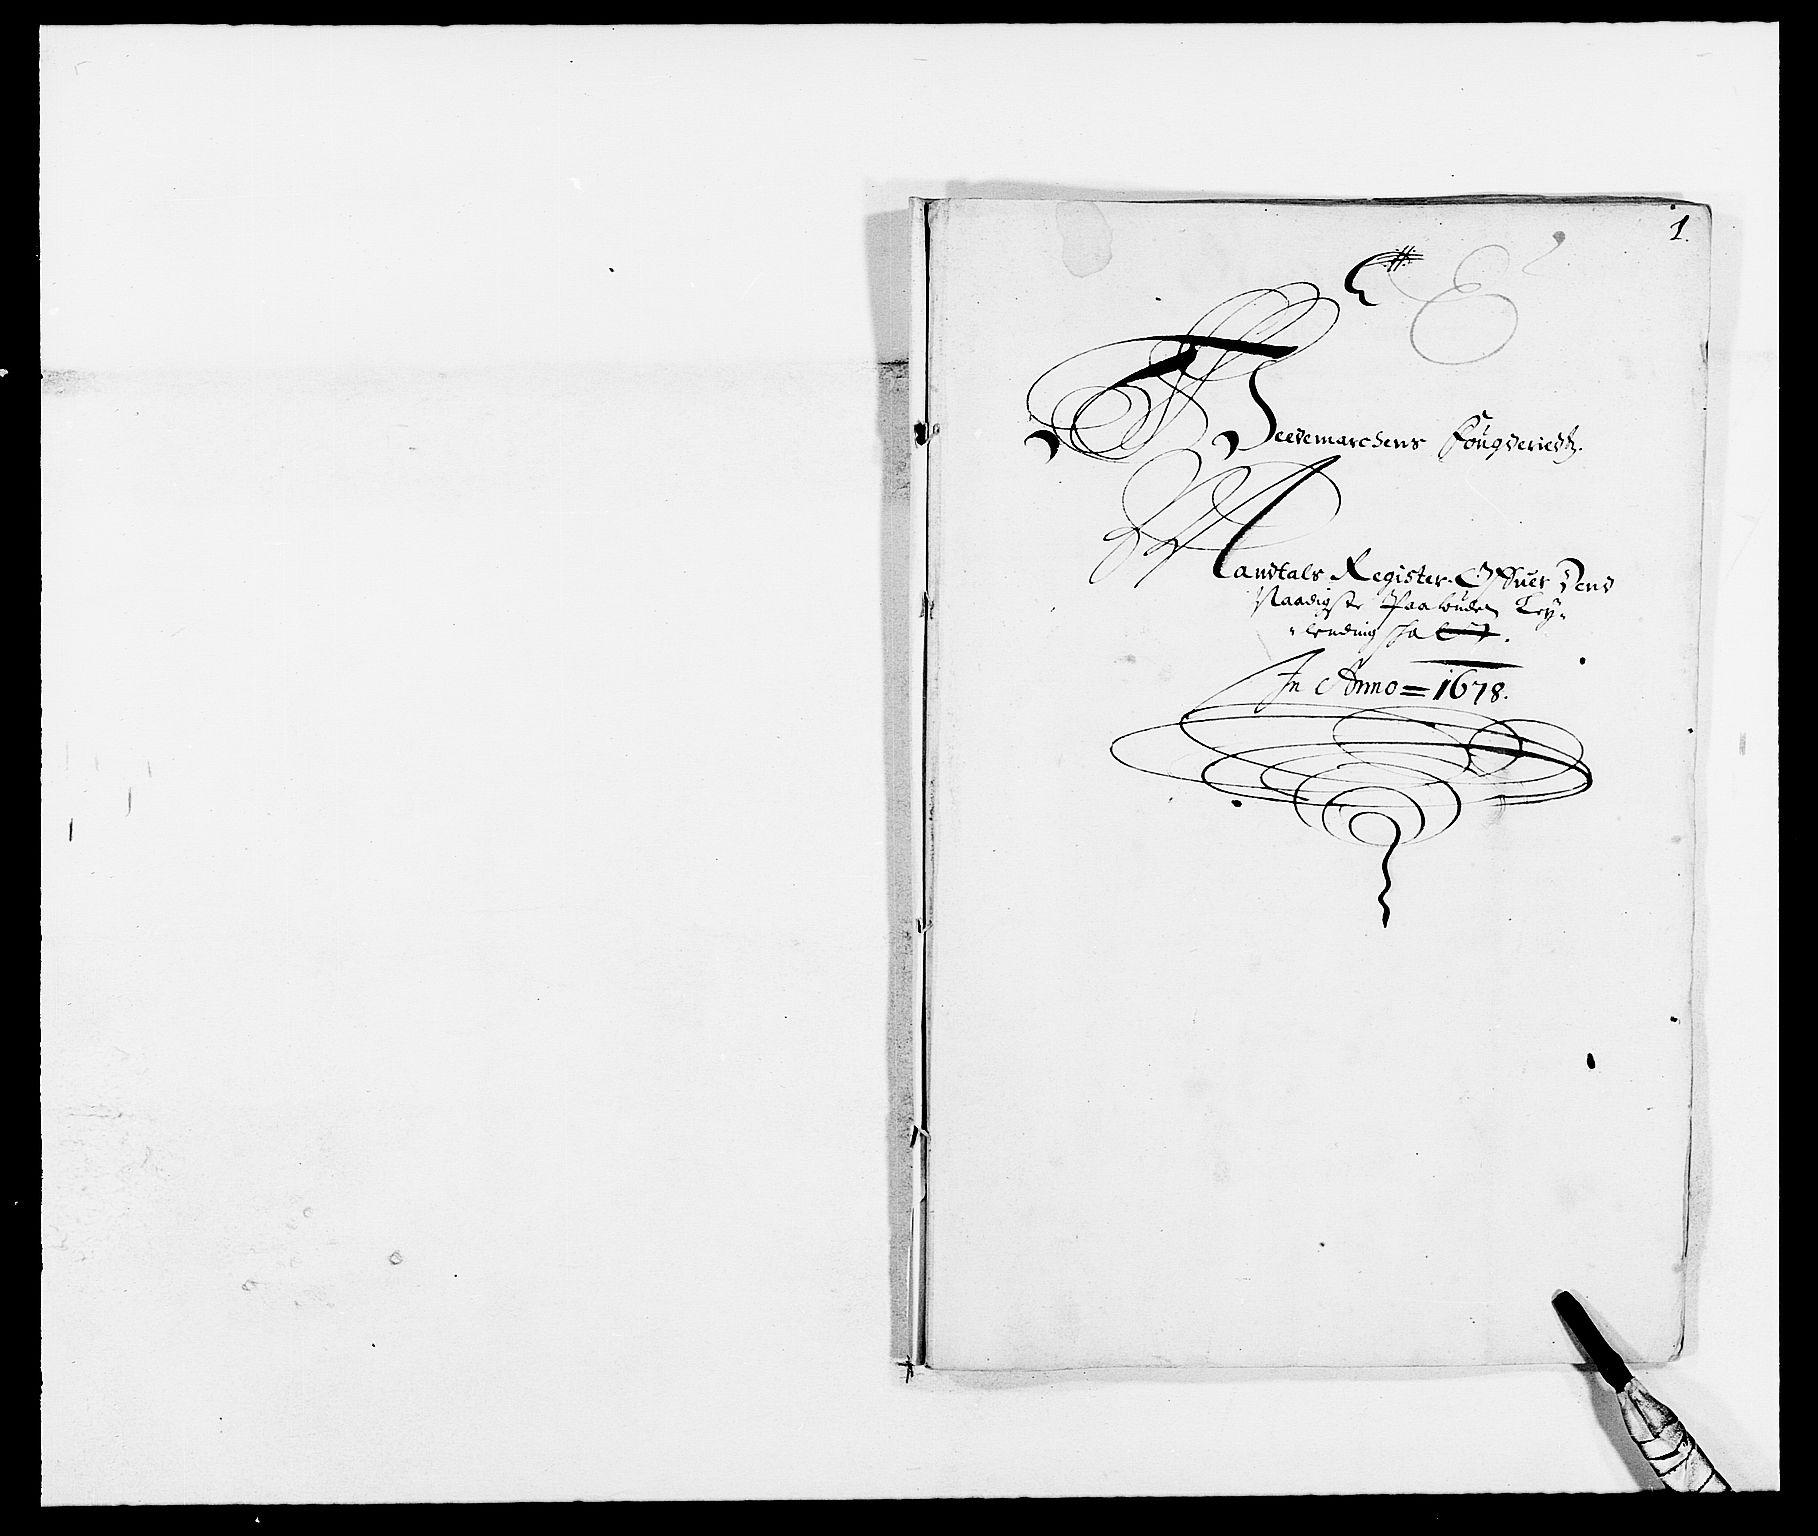 RA, Rentekammeret inntil 1814, Reviderte regnskaper, Fogderegnskap, R16/L1017: Fogderegnskap Hedmark, 1678-1679, s. 190